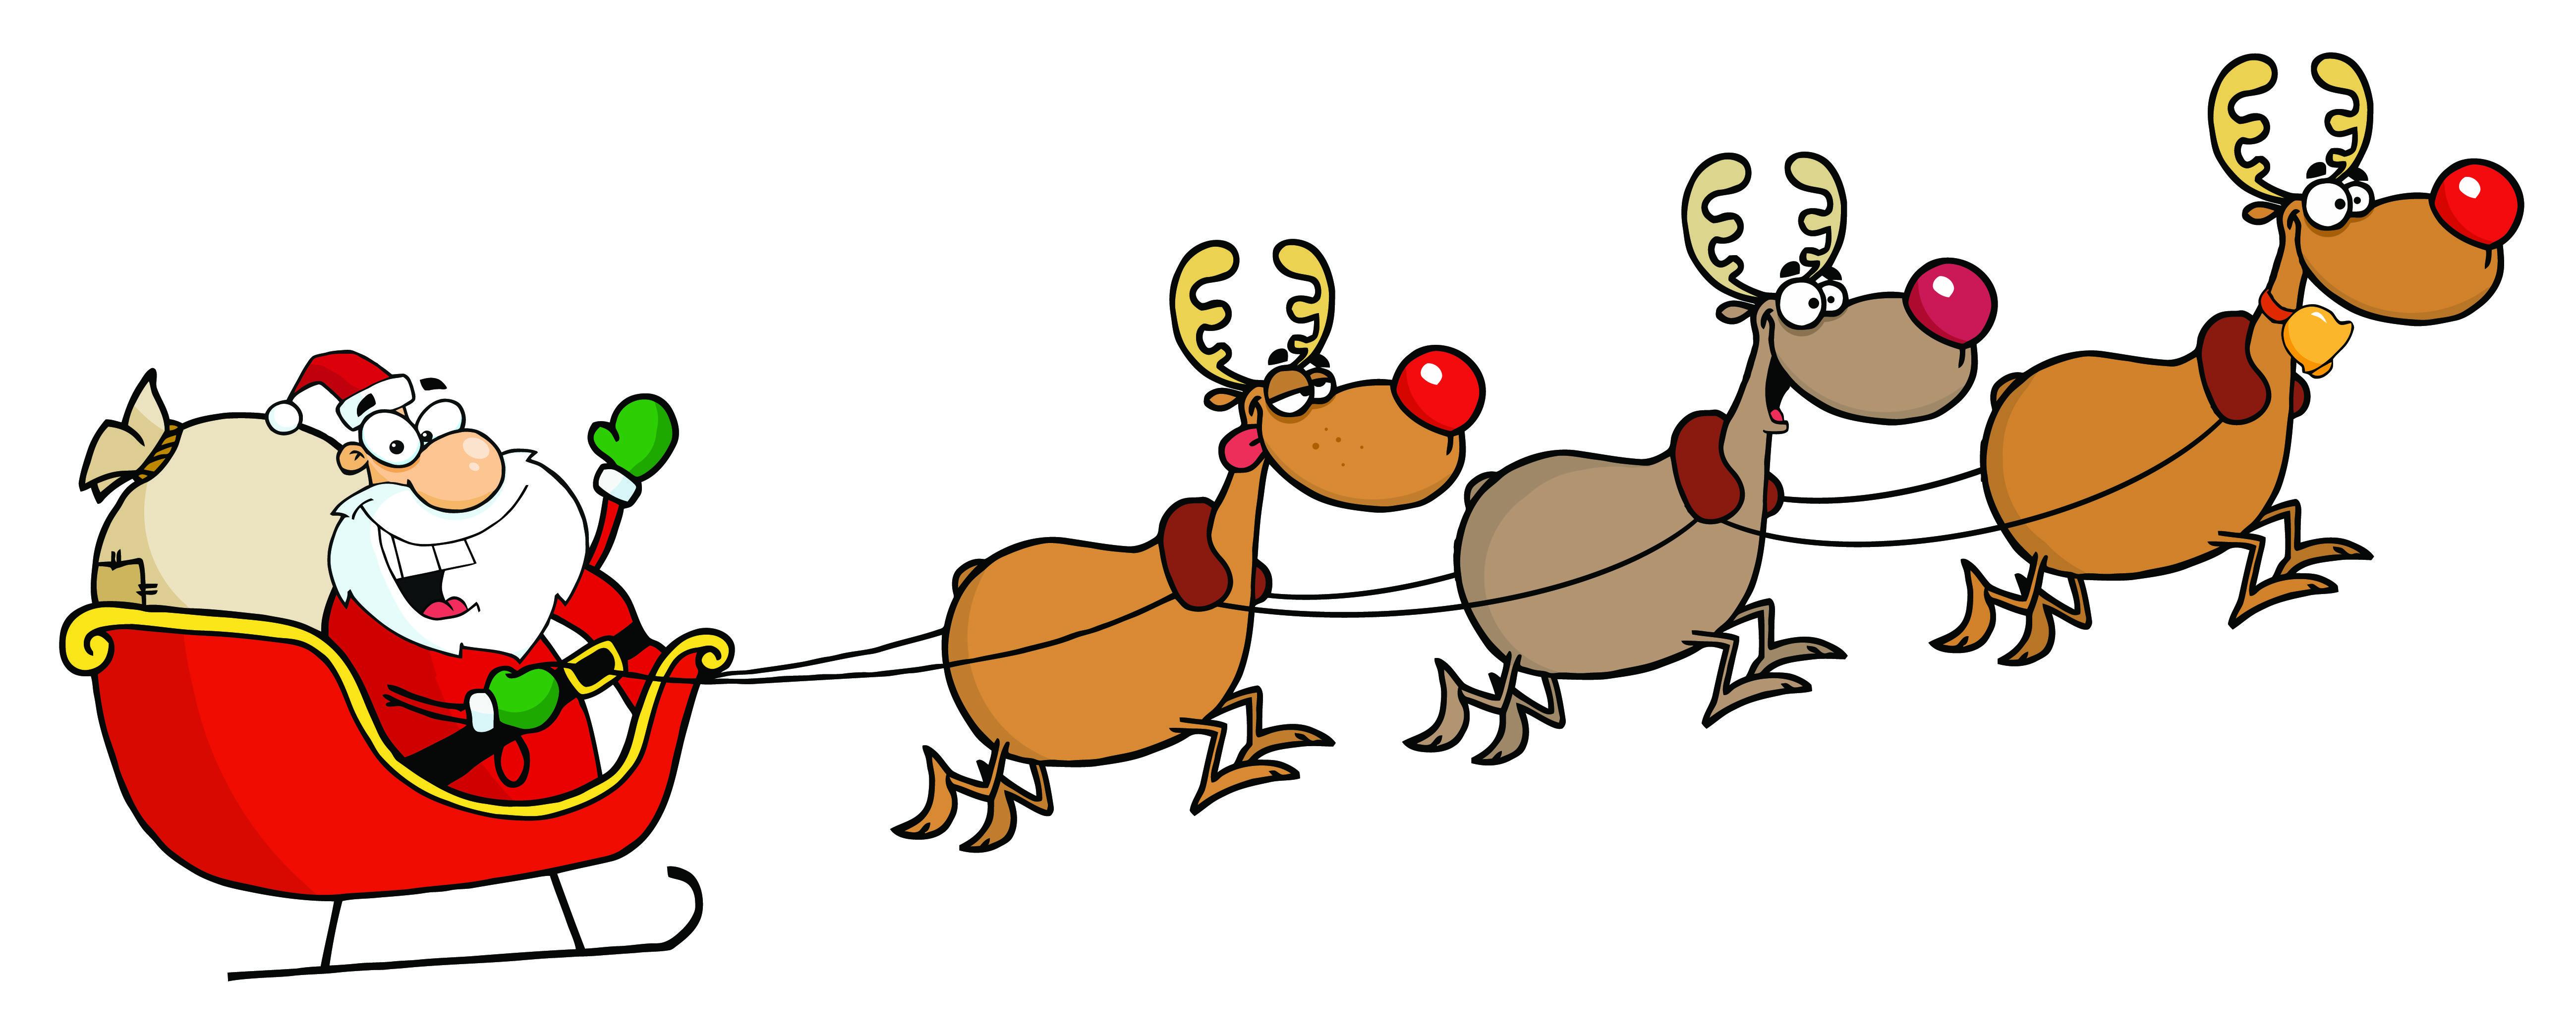 Rosco S December Magic A Short Story Santa Claus Vector Santa Sleigh Creative Christmas